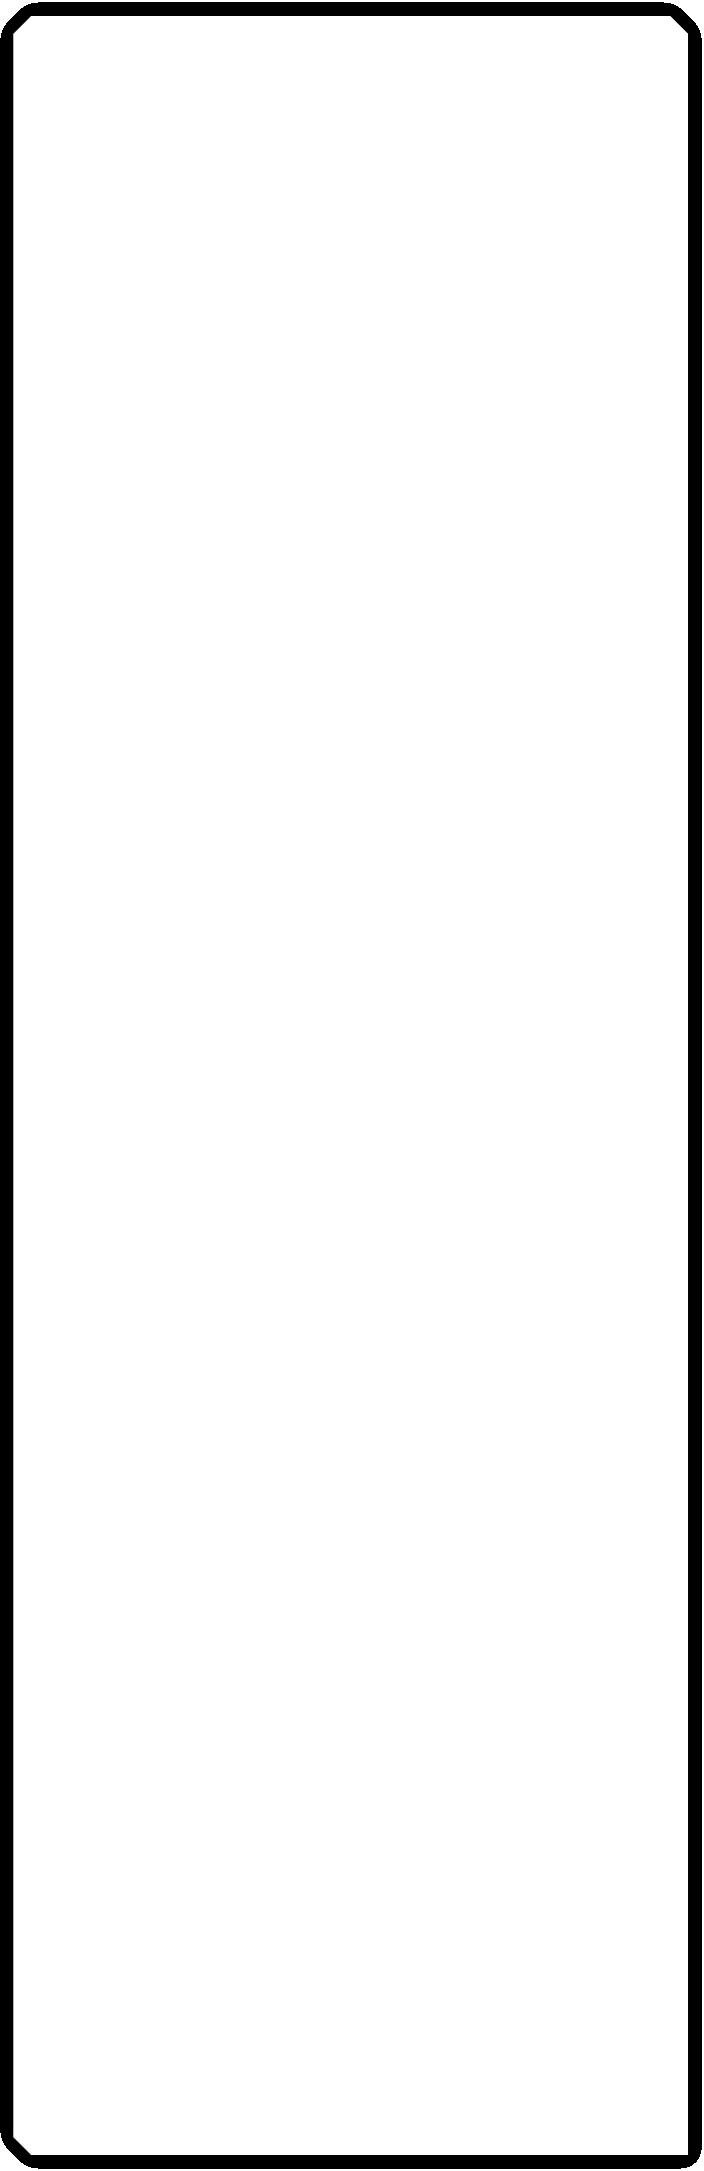 Text Backdrop